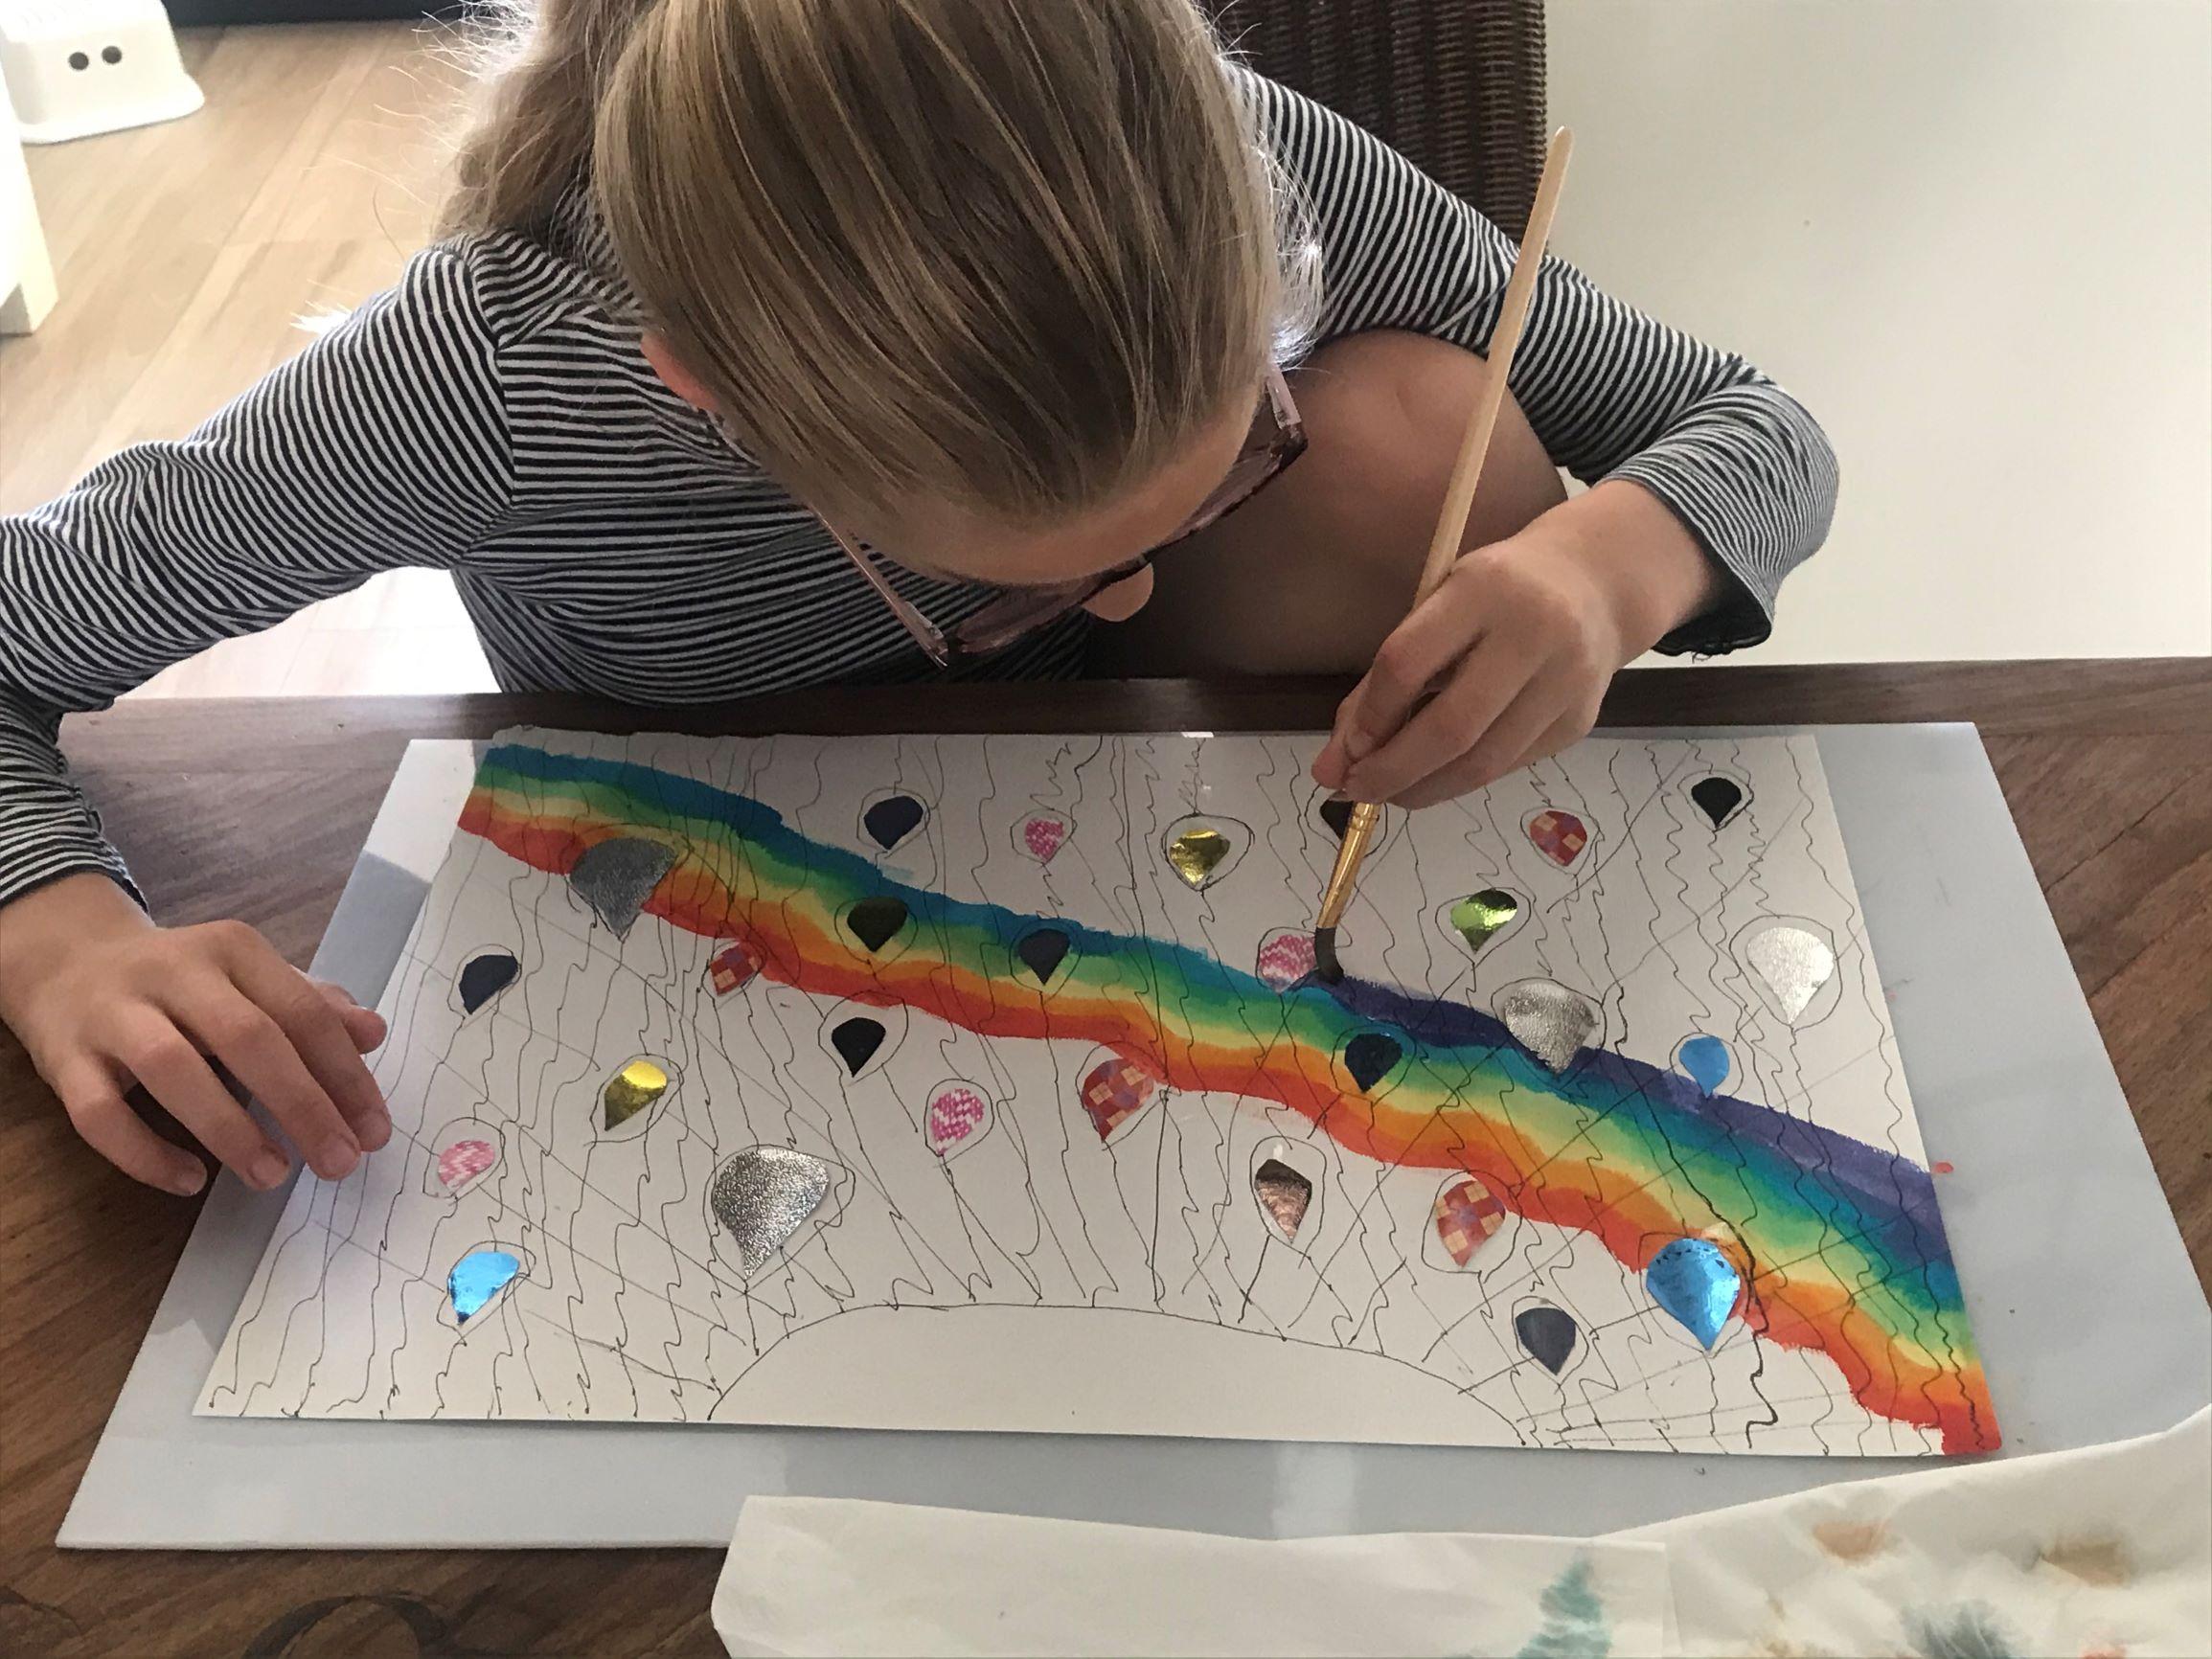 Mare kan zich creatief zo goed uiten. Hier schildert zij een regenboog van ecoline. Als ze klaar is luisteren we naar haar verhaal.